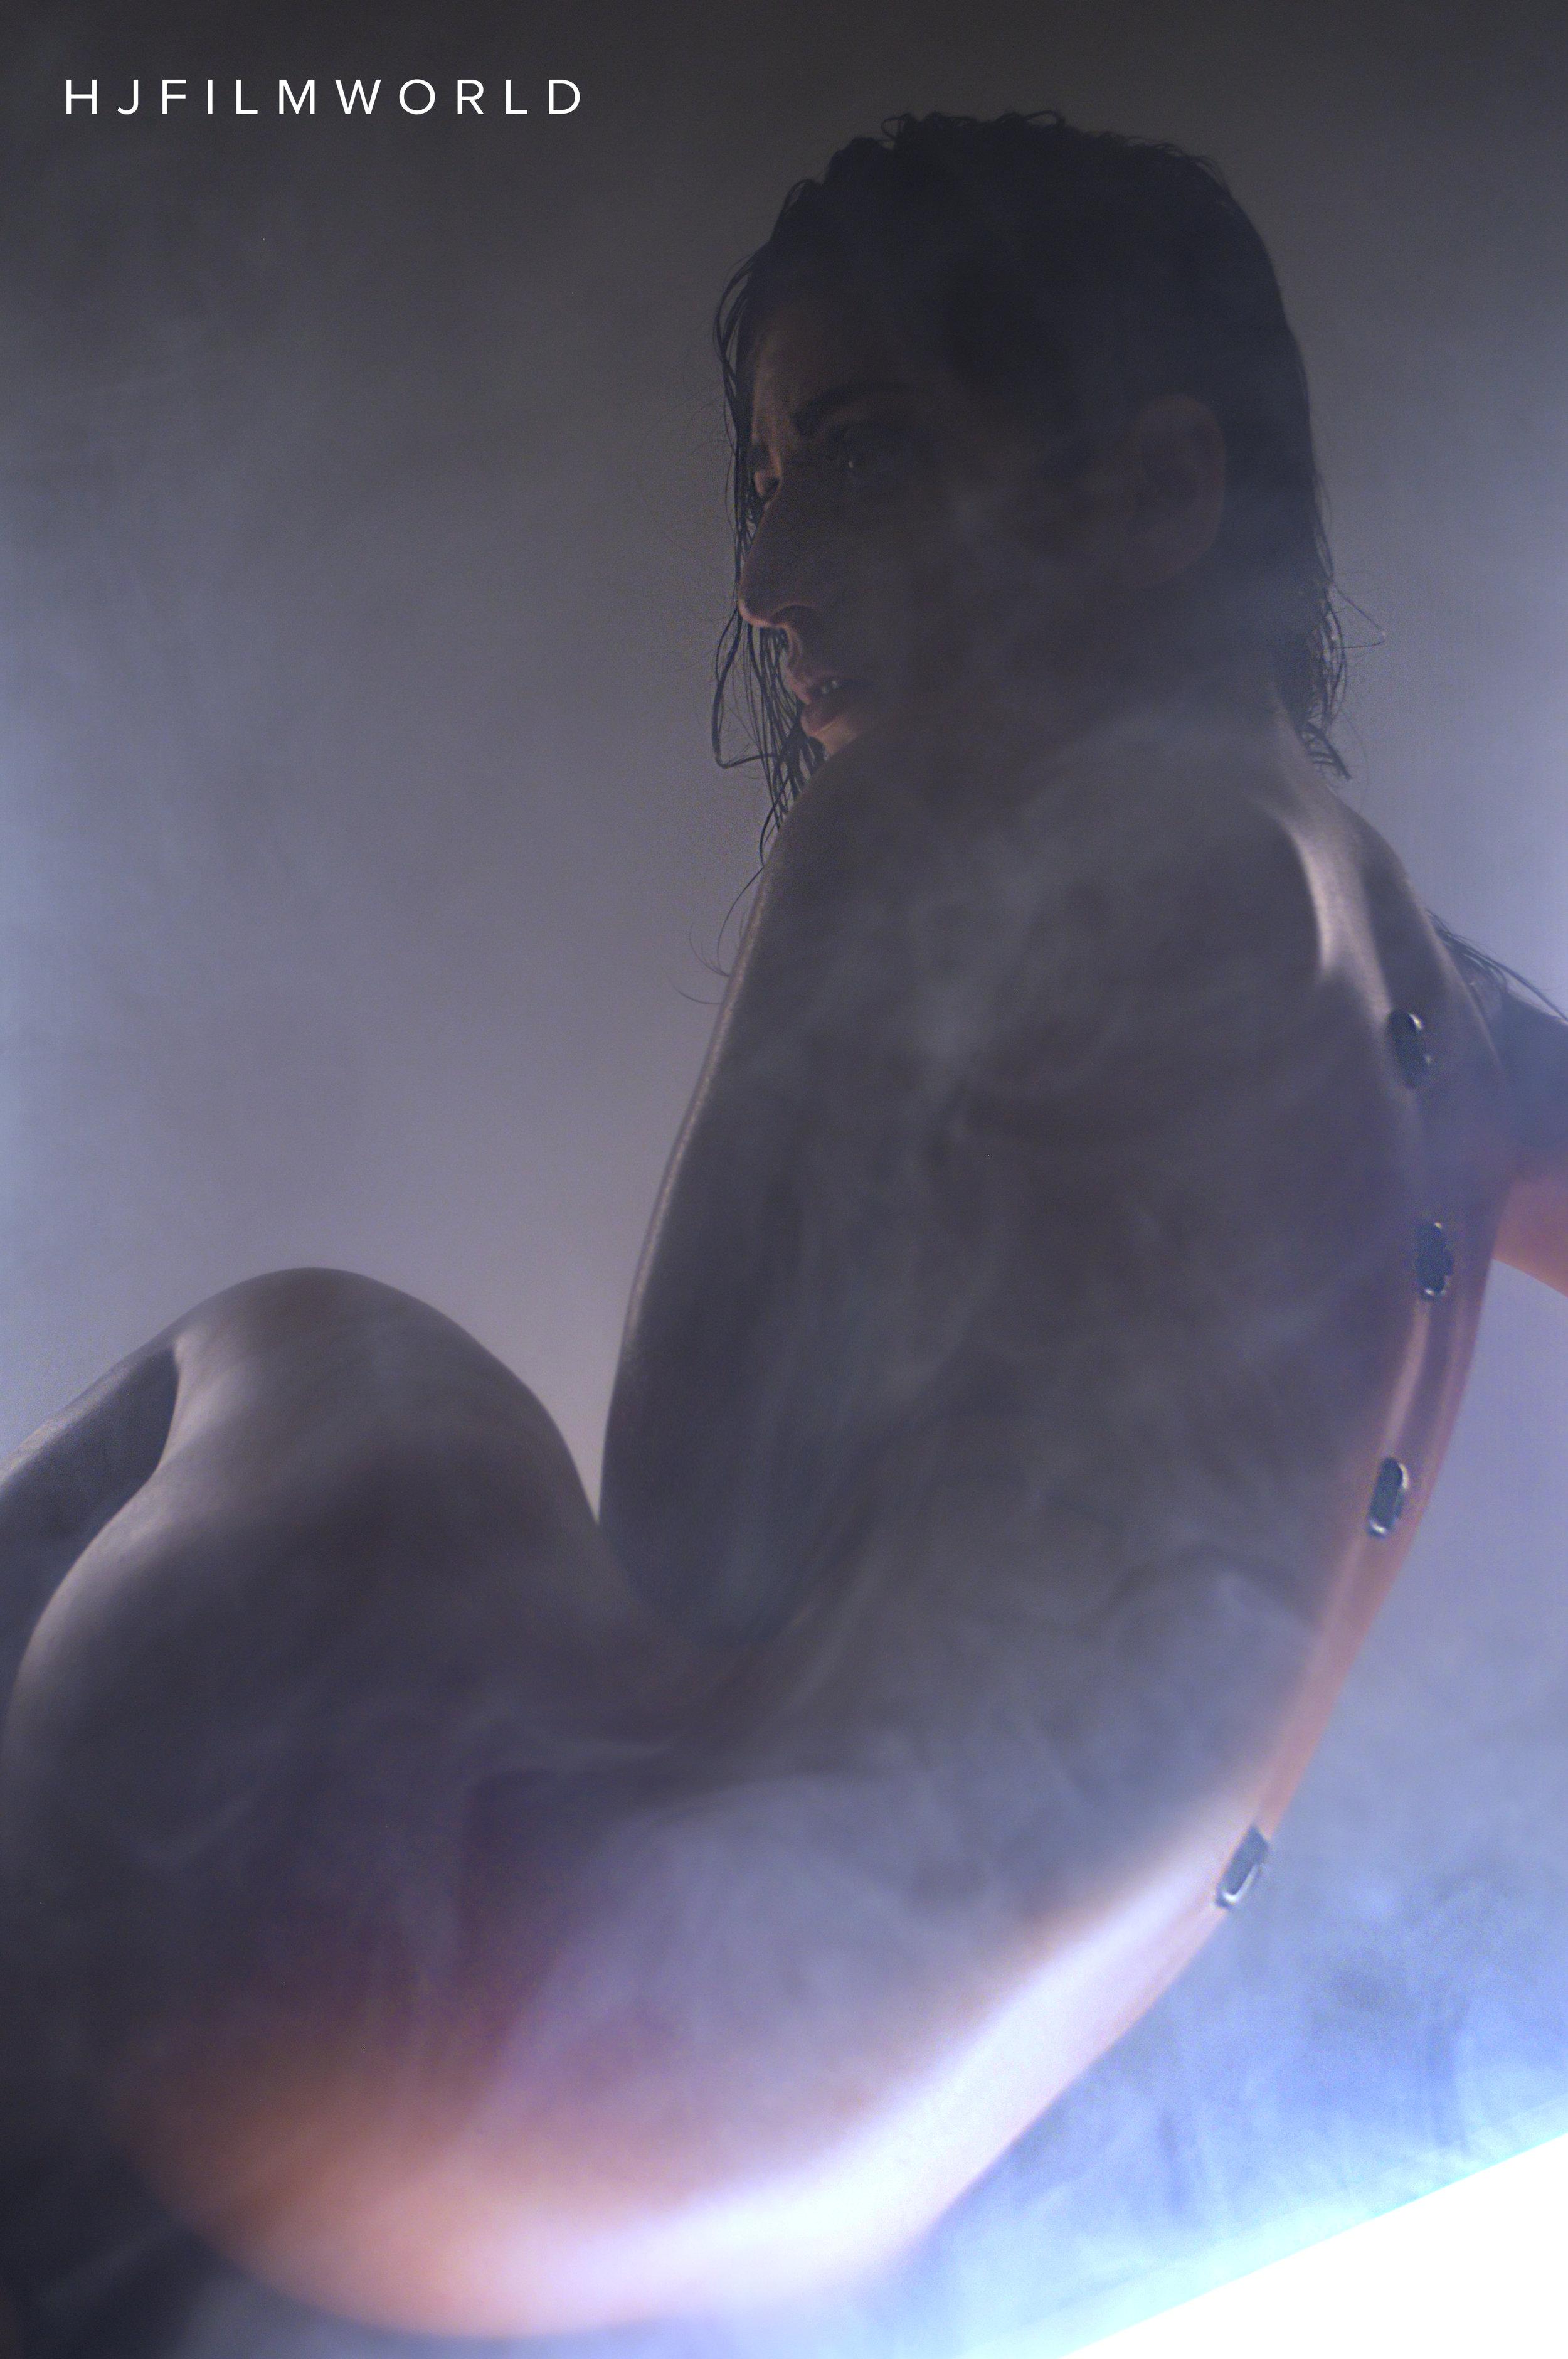 Model: Nikki Knightly